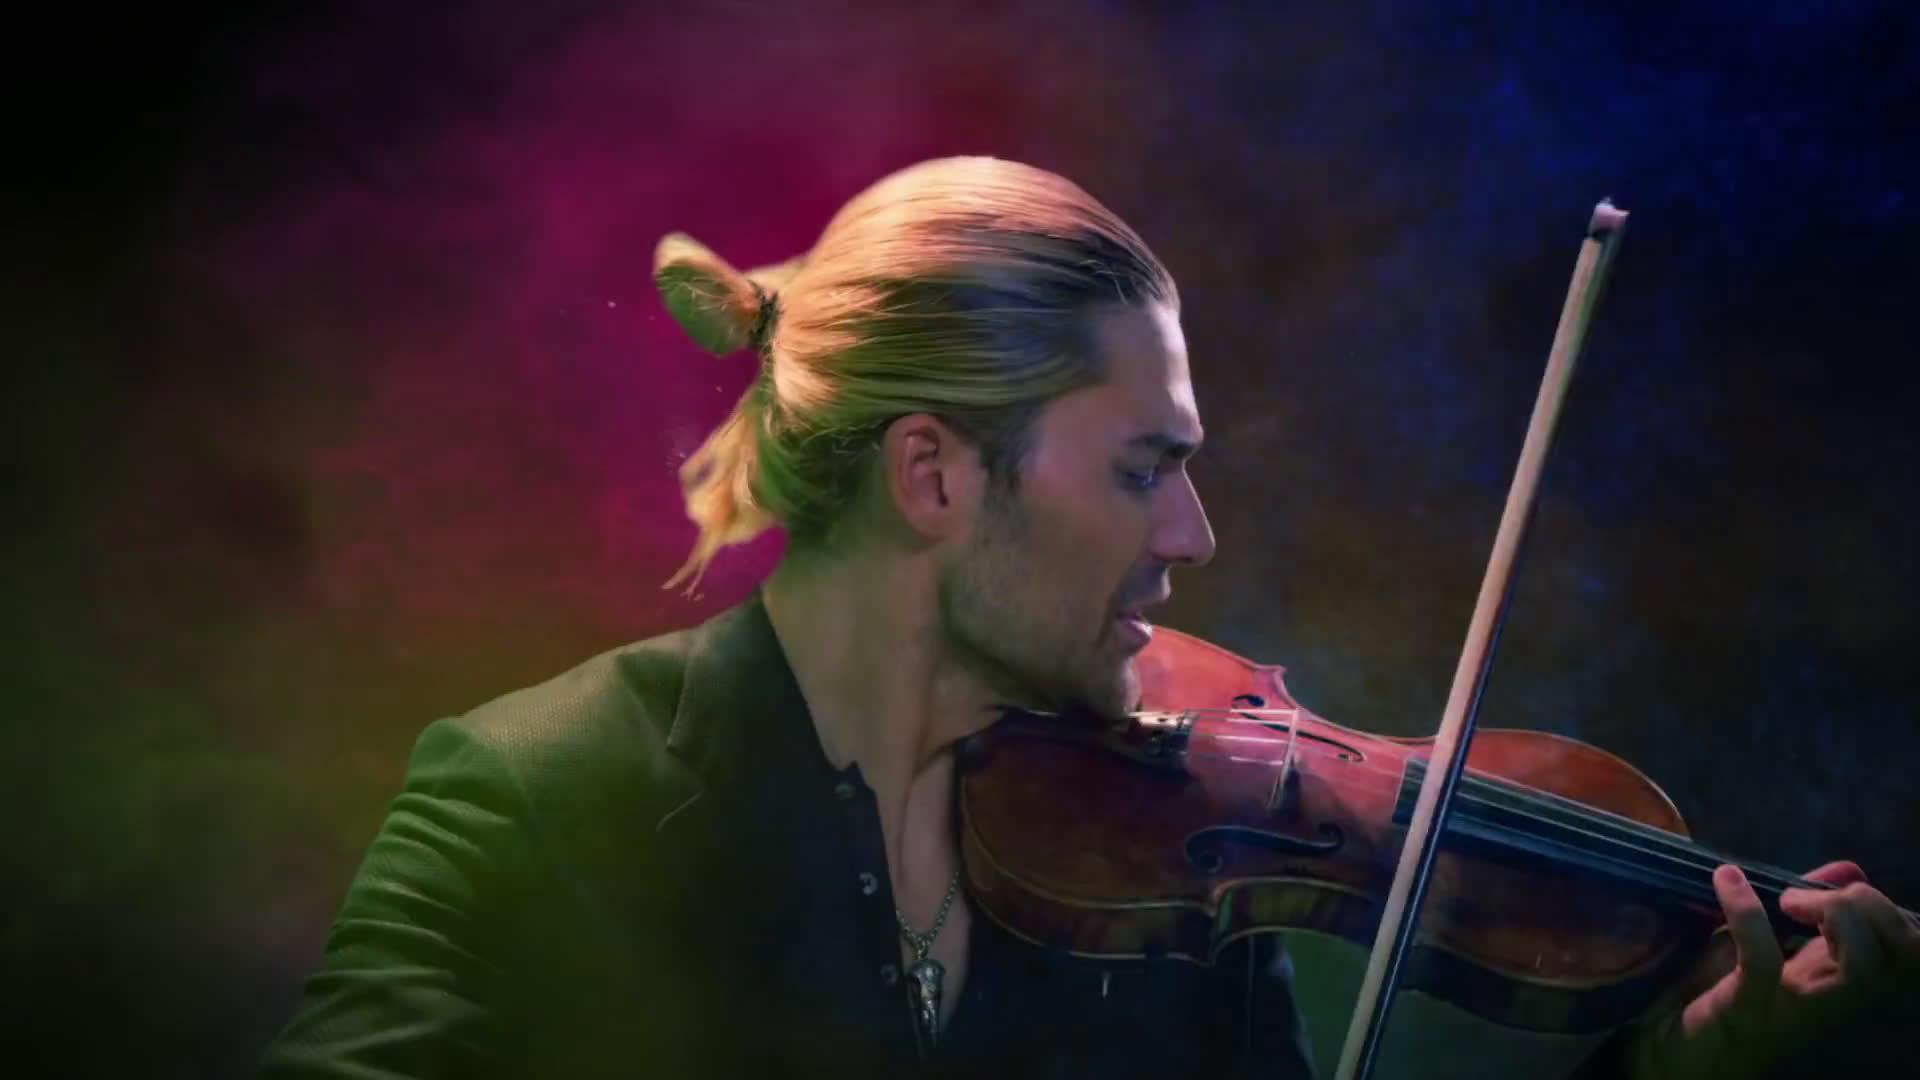 拉小提琴打破吉尼斯纪录